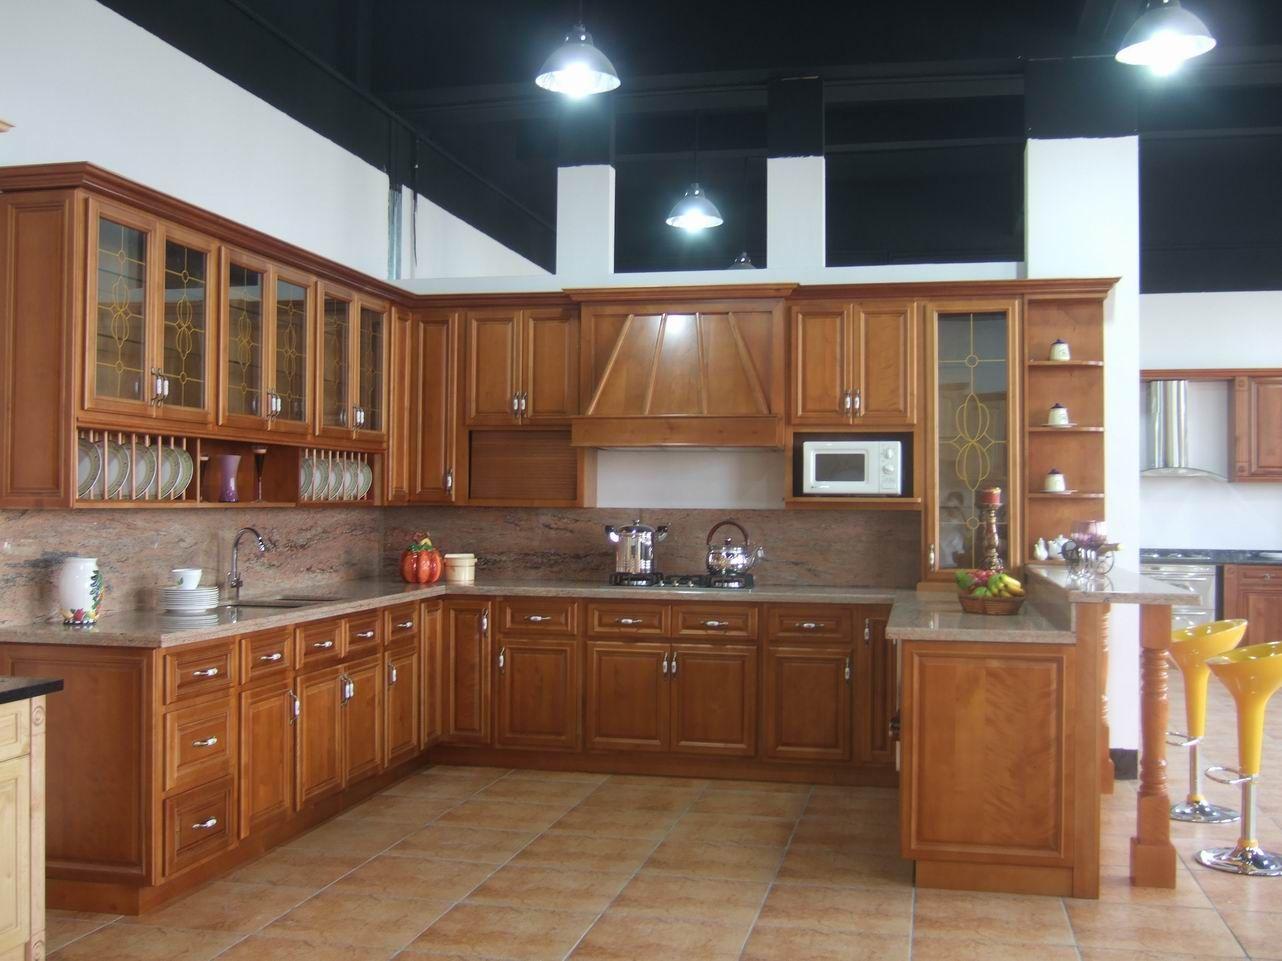 Modelos Cocinas Integrales Modernas Of Muebles De Cocina En Madera Por Metro Lineal Cartago